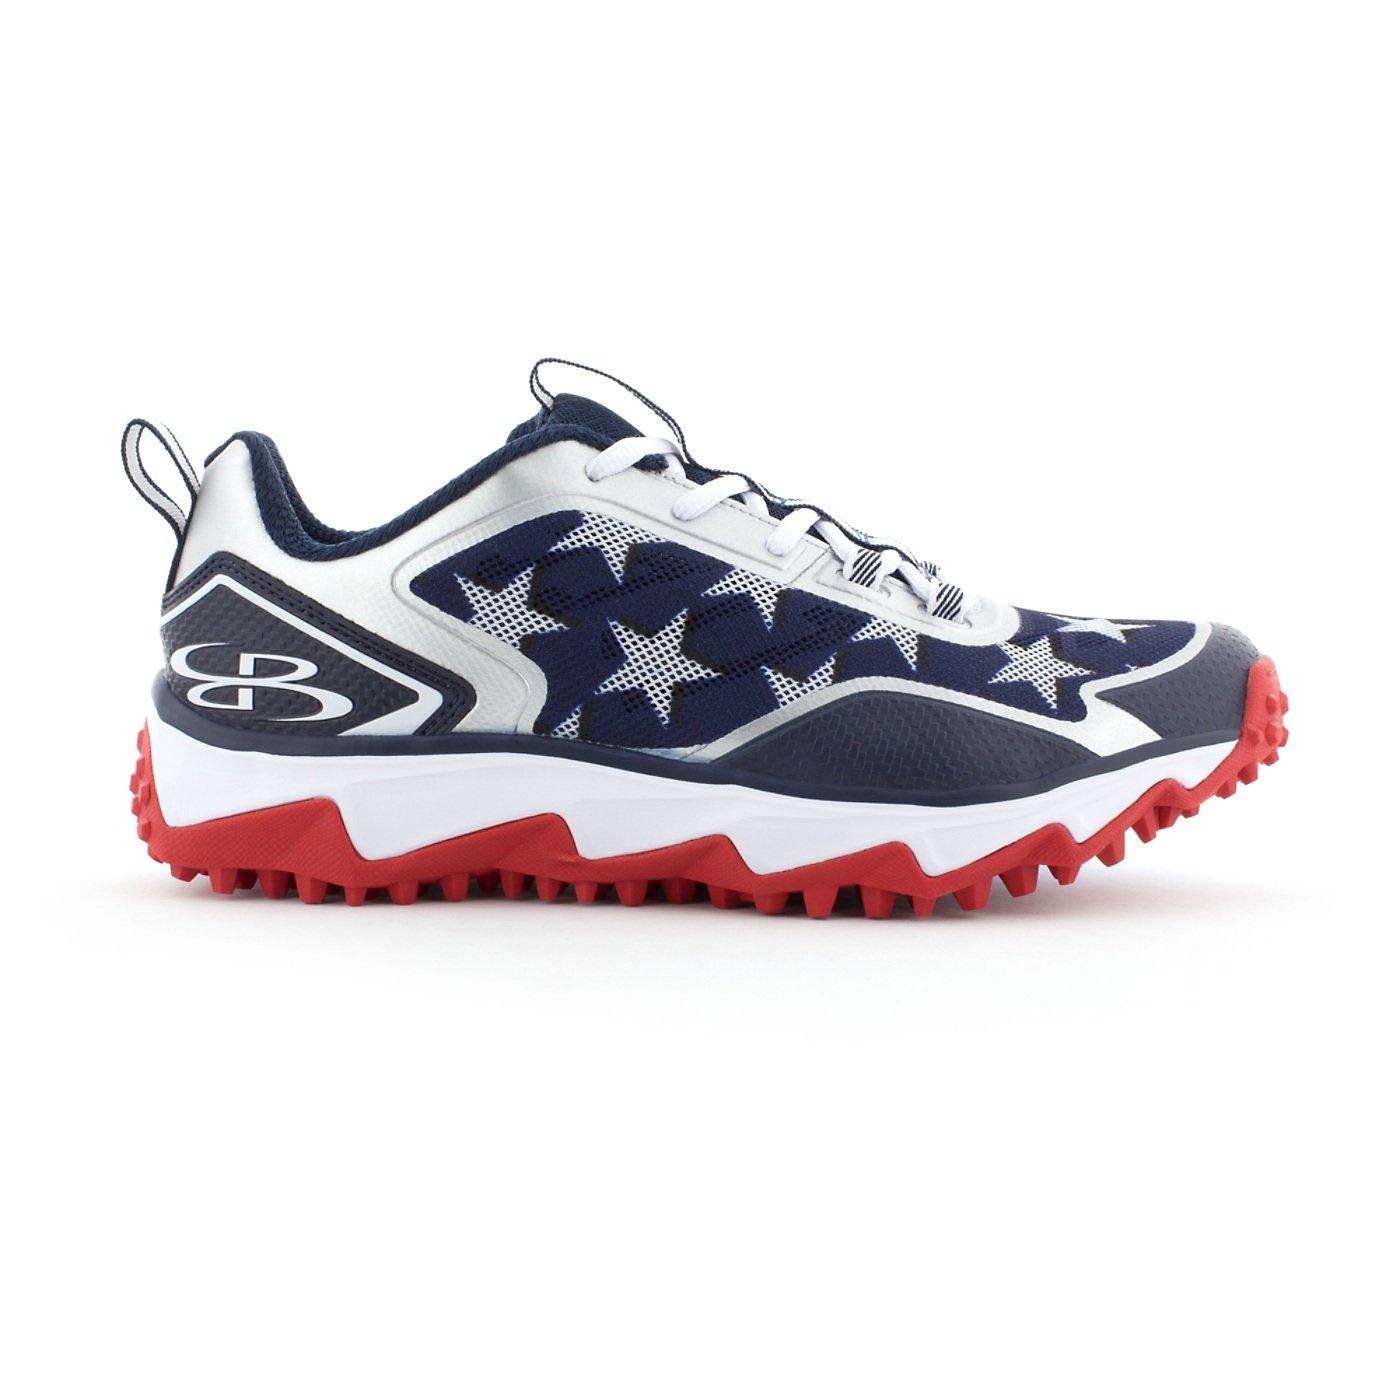 BoombahメンズBerzerk Turf Shoes – 13色オプション – 複数のサイズ B0769YZP53 10.5|ネイビー/レッド/ホワイト ネイビー/レッド/ホワイト 10.5